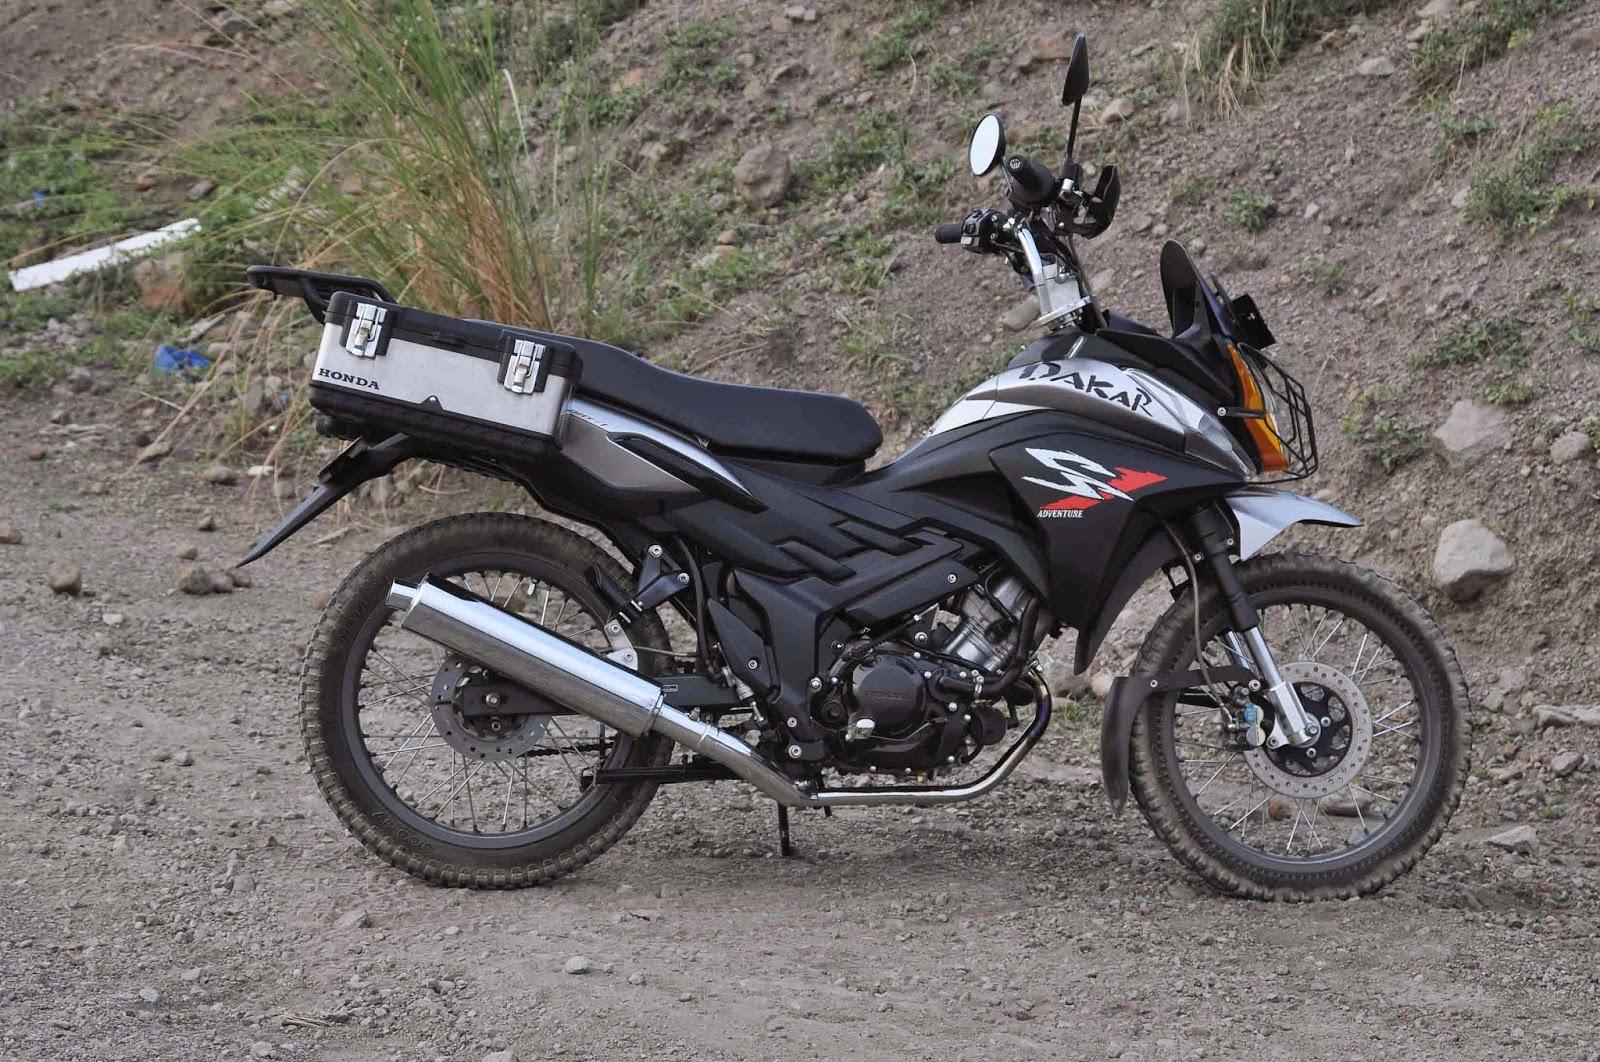 88 Modifikasi Motor Honda Cs1 Jadi Trail Modifikasi Trail